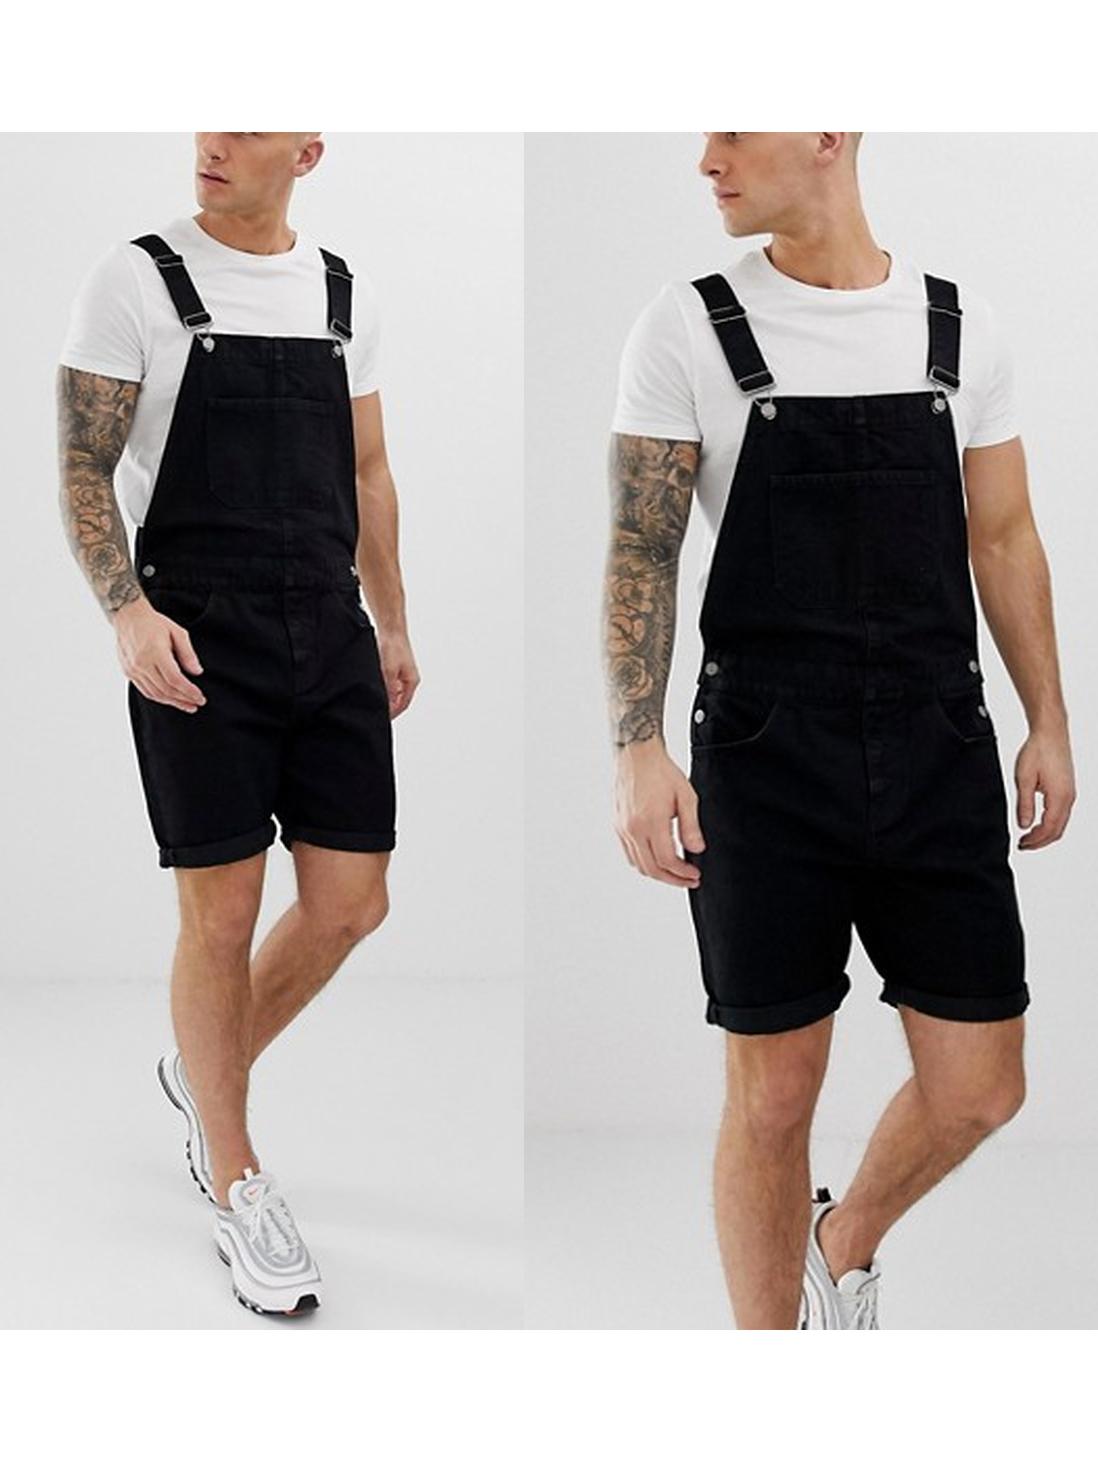 Adjustable Straps Men Short Black Overalls